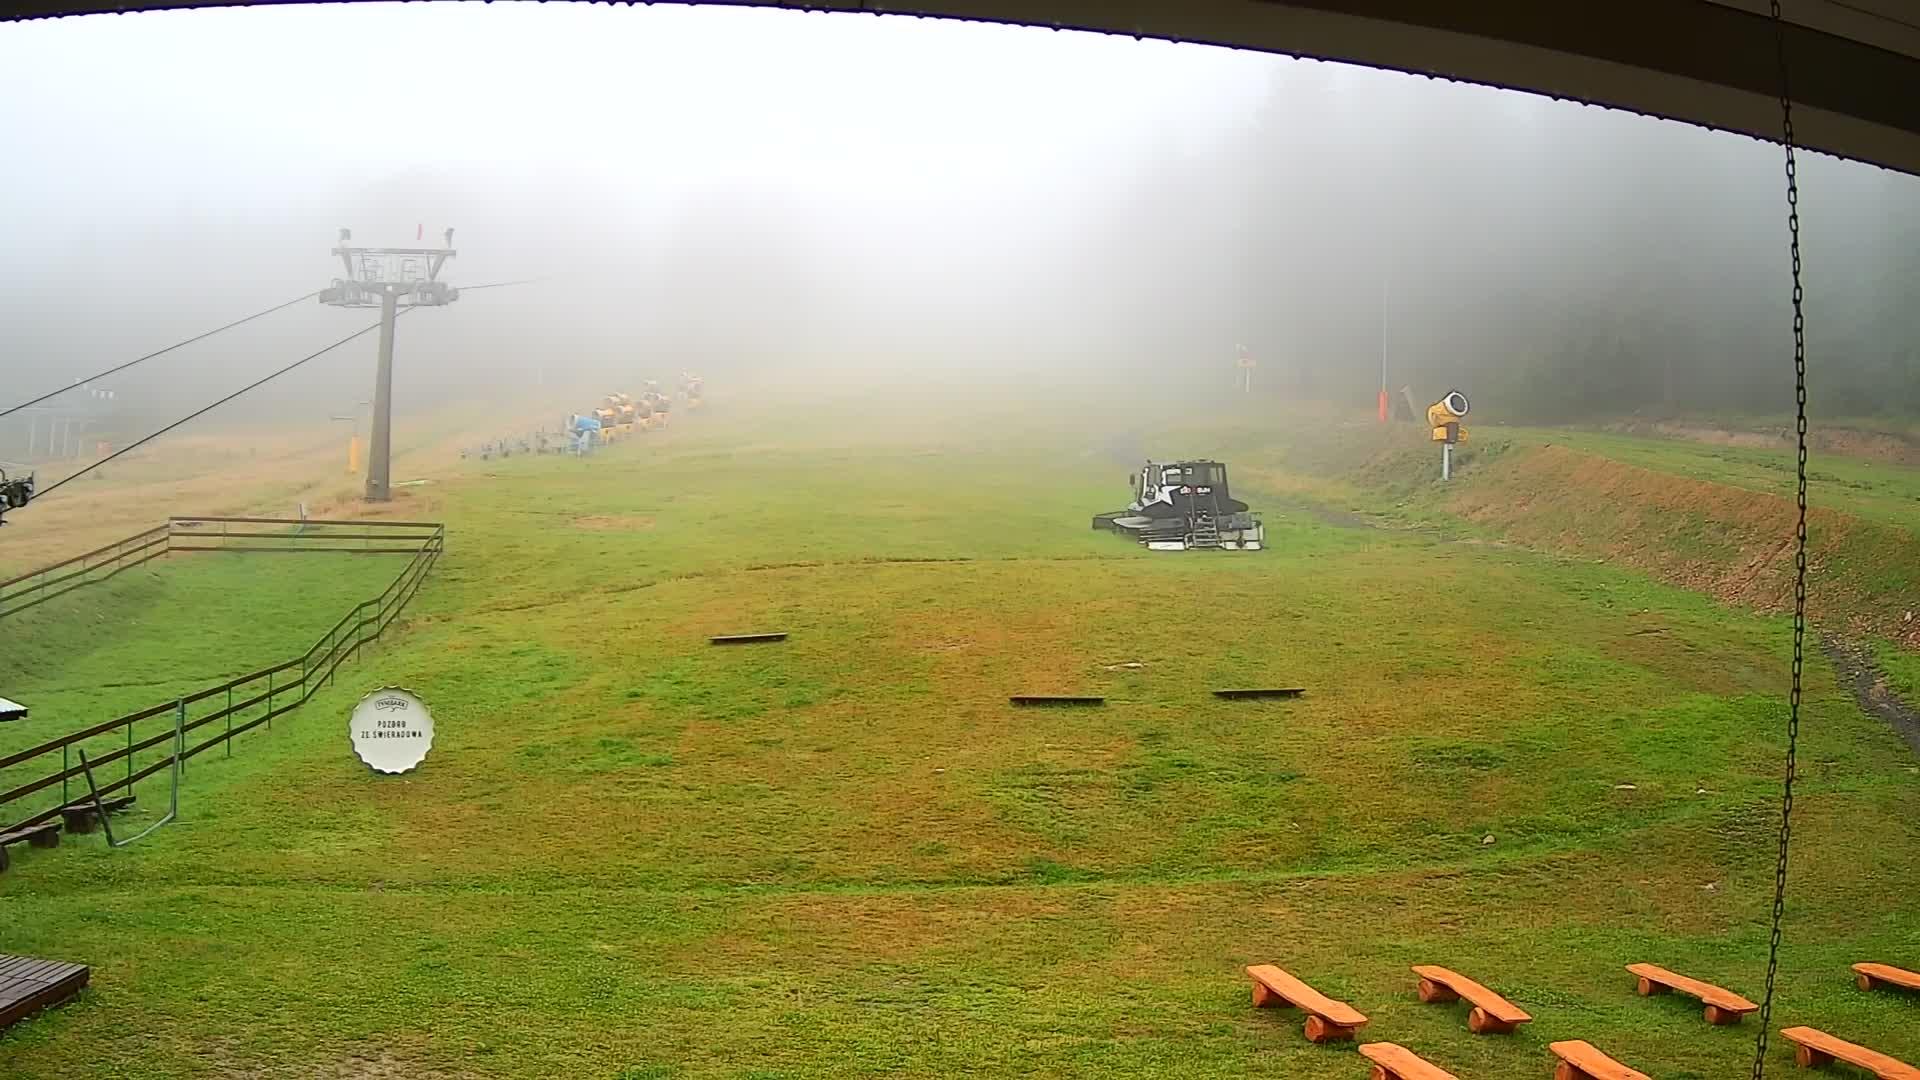 Webcam Ski Resort Swieradow Zdroj cam 4 - Jizera Mountains